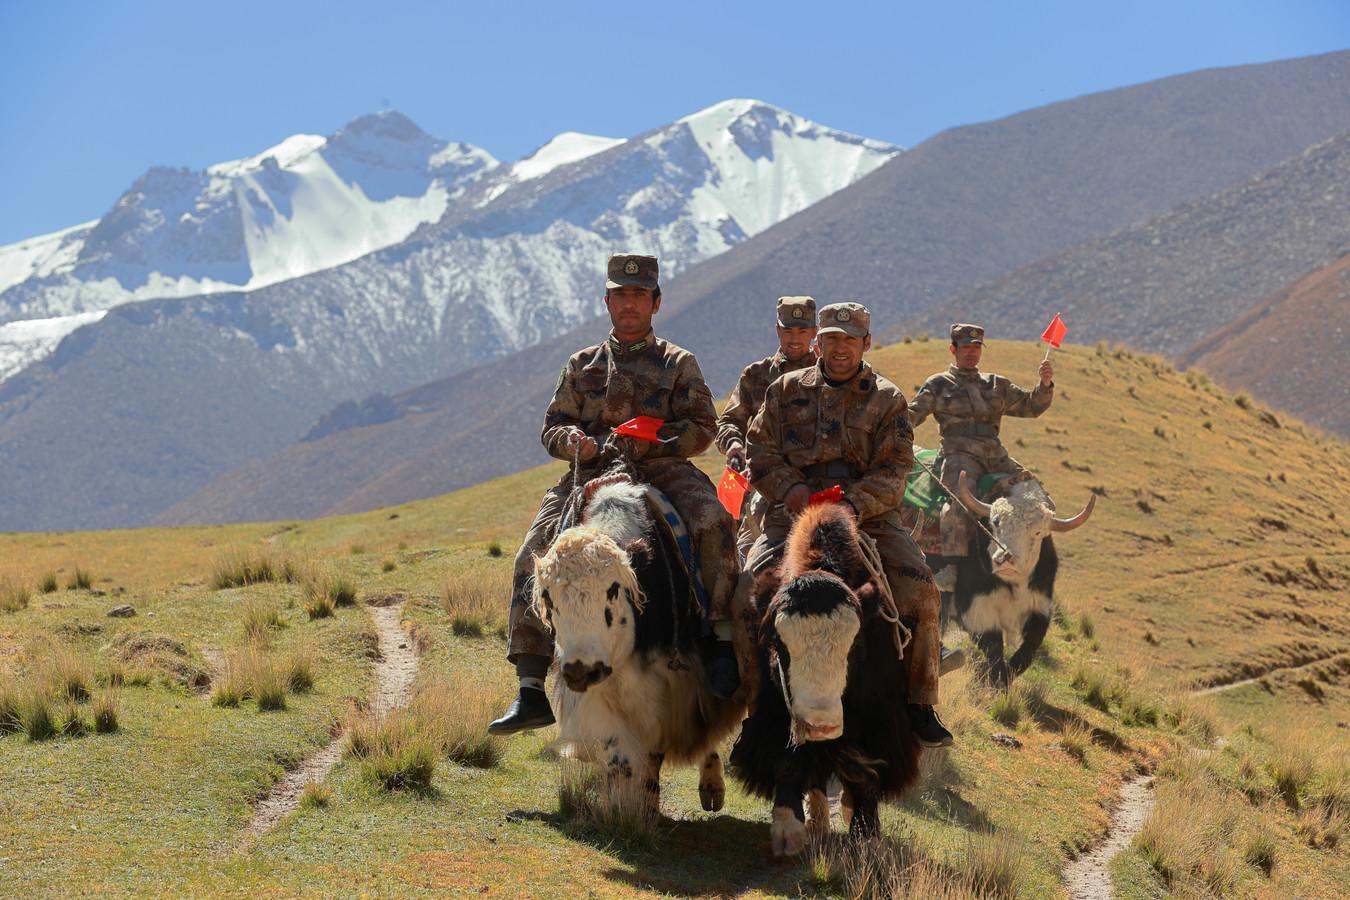 Soldaten patrouilleren op yaks in Xinjiang, waar volgens de regering in Peking 'alle mensen eendrachtig samen, in harmonie en solidariteit' wonen.